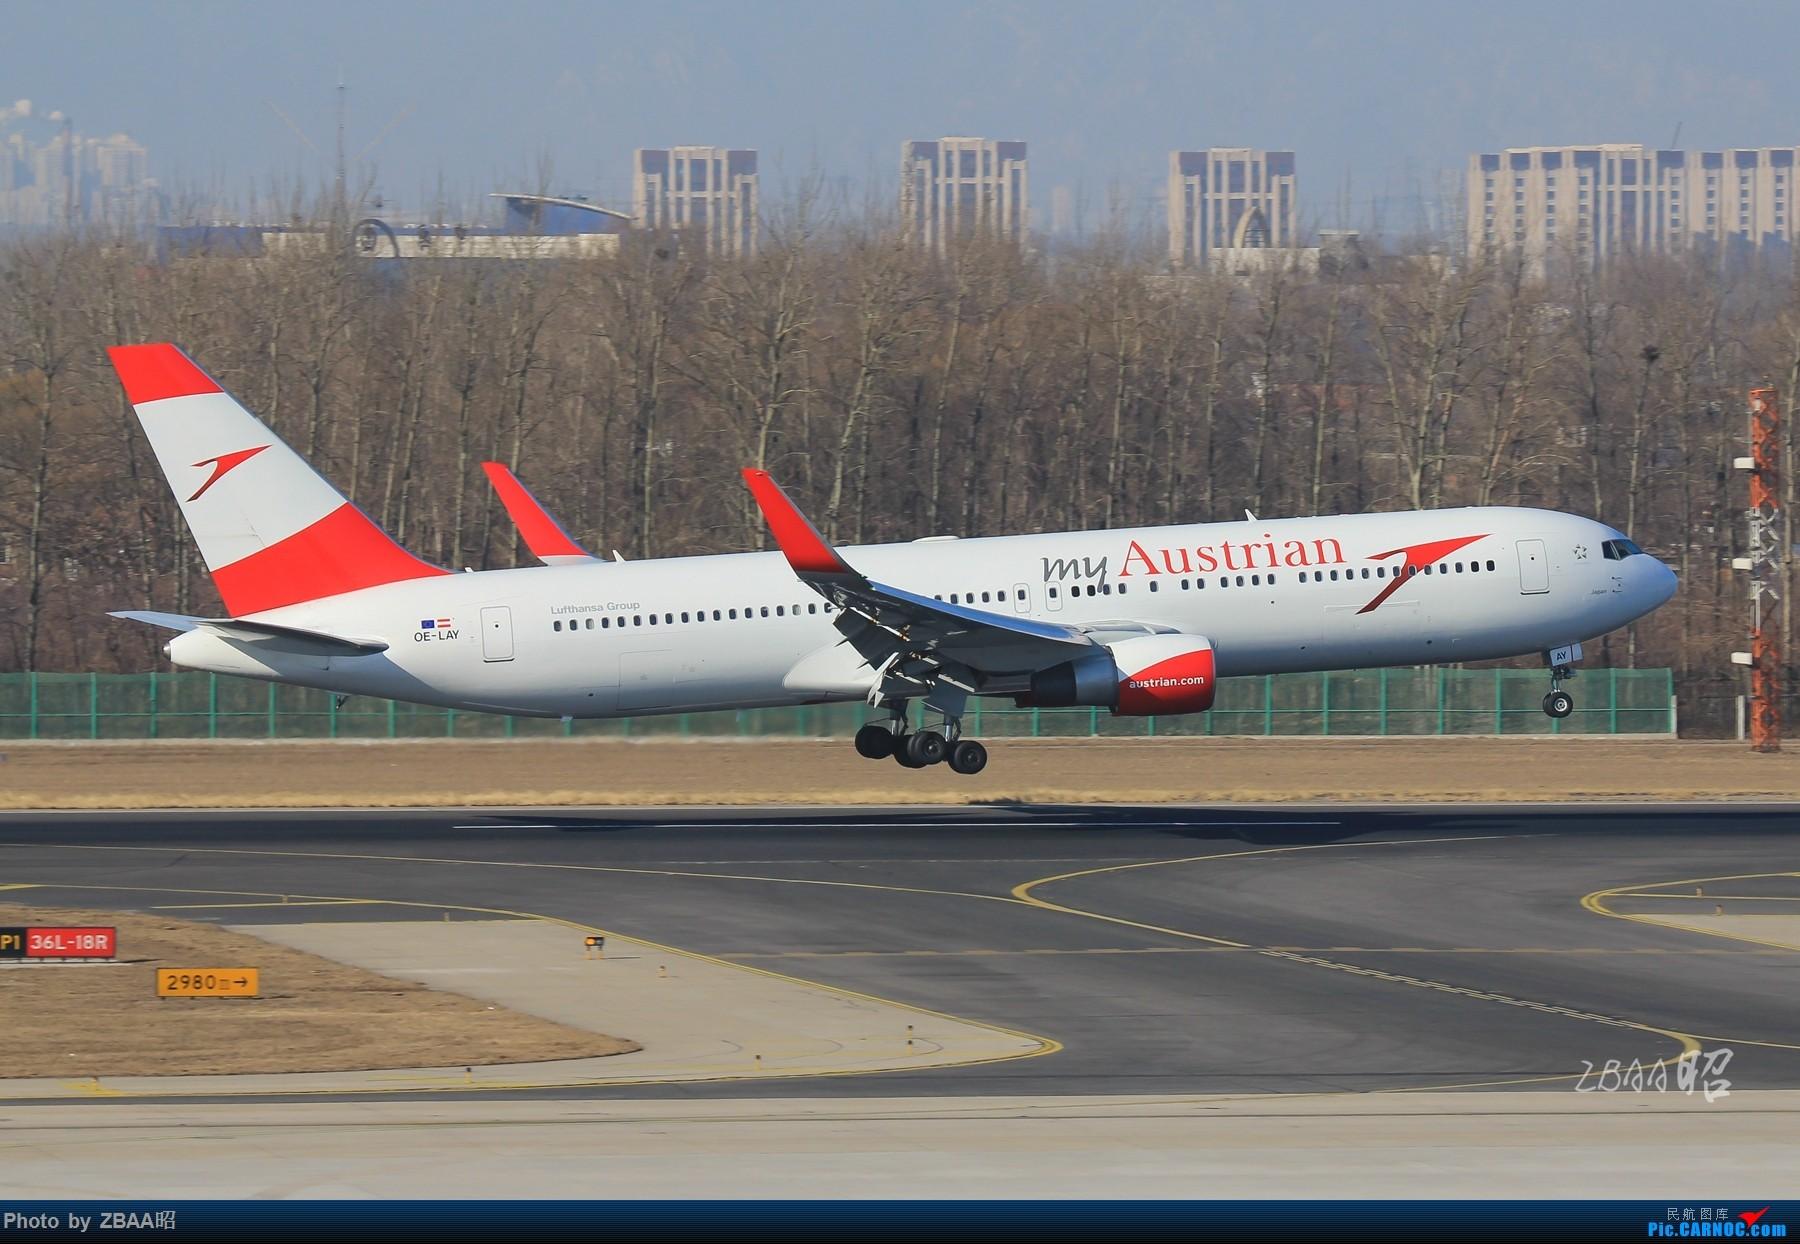 Re:[原创]飞友聚会后的独自疯狂,格林豪泰隔天怒打ZBAA 36L跑道,夜拍海航宽体机,寒风中坚守楼顶阵地 BOEING 767-300ER OE-LAY 中国北京首都国际机场